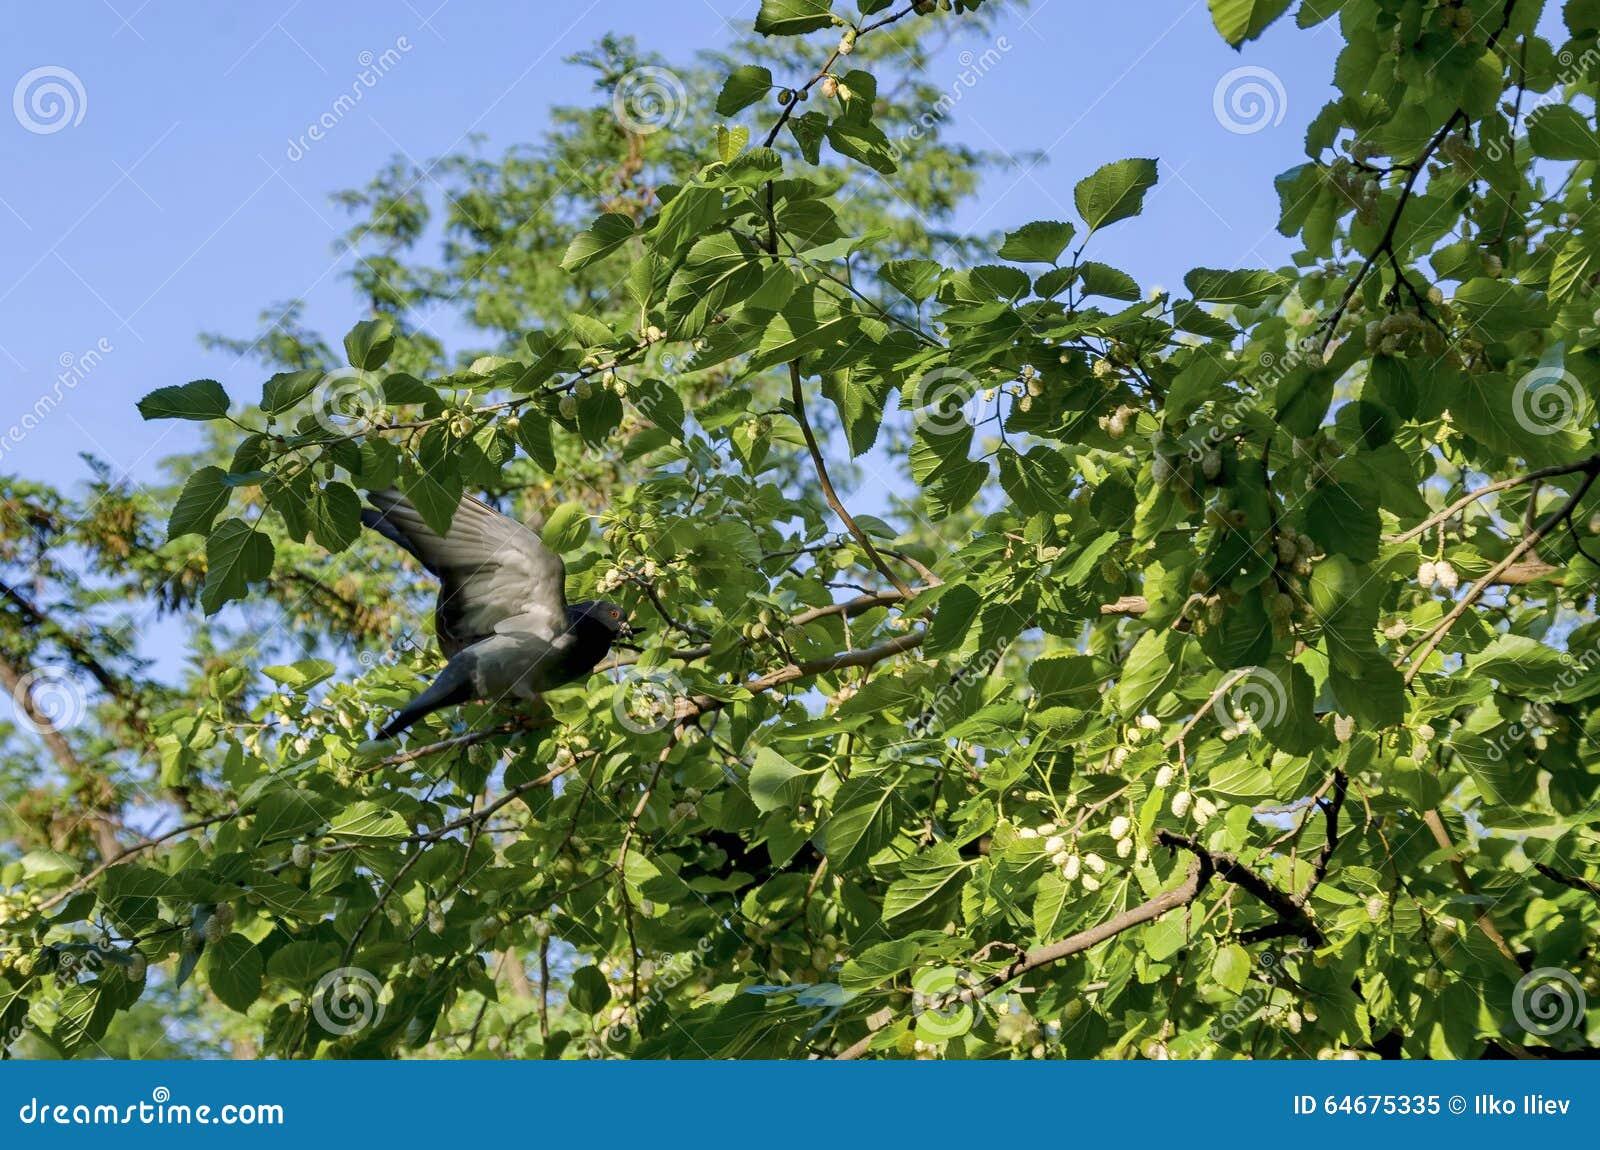 tauben im maulbeerbaum stockbild bild von baum doktoren 64675335. Black Bedroom Furniture Sets. Home Design Ideas